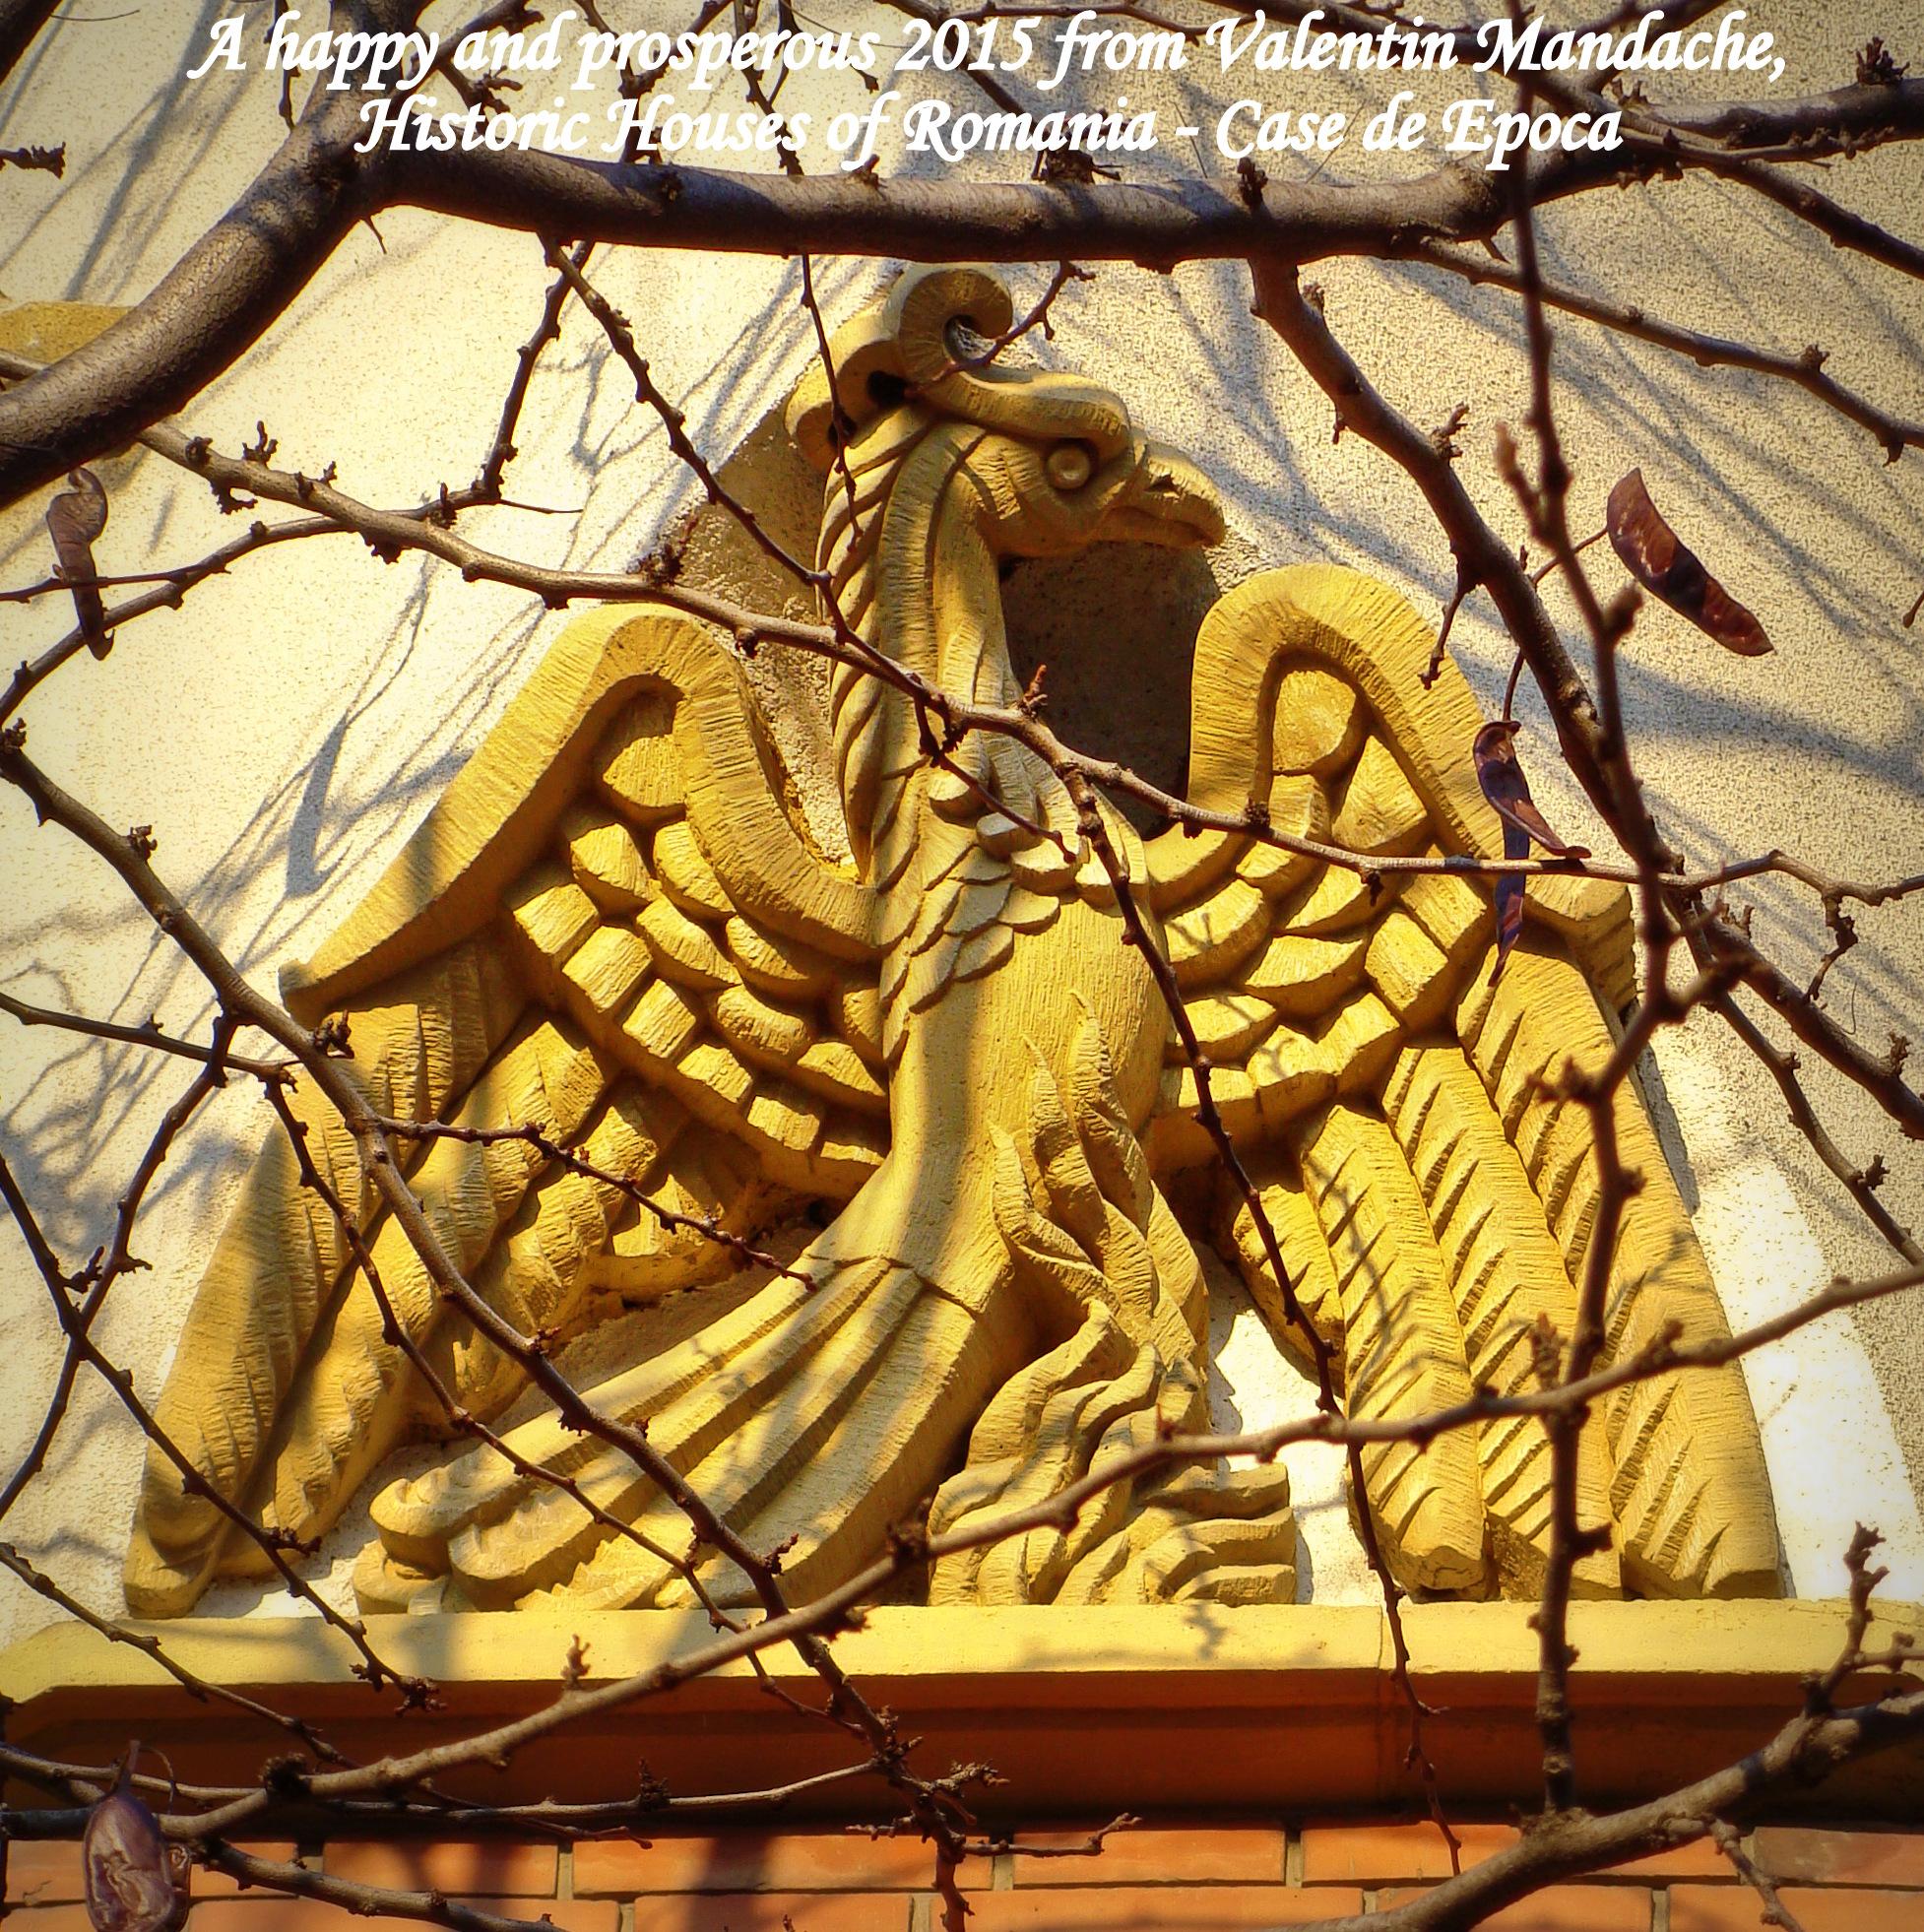 Pasarea Phoenix inaltandu-se din flacari, panou pe fatada de casa in stil neoromanesc tarziu, datand de la sfarsitul anilor 1930, zona Kiseleff, Bucuresti (©Valentin Mandache)